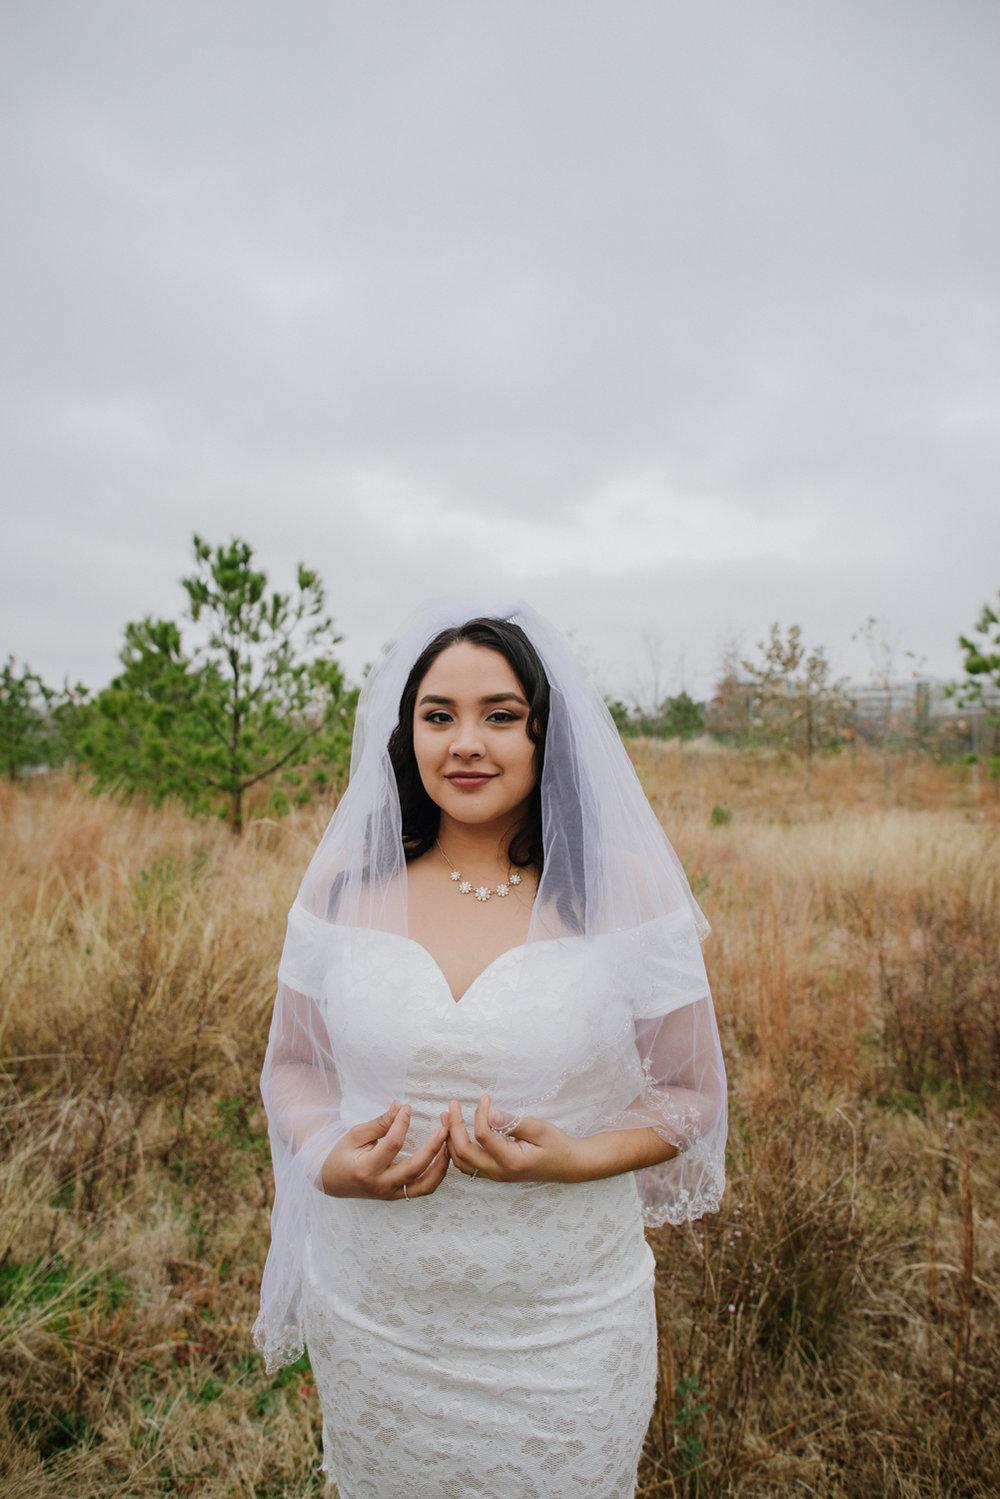 houstonweddings-houstonengagement-texasweddings-elopements-weddingphotography-lostcastrophotography-16.jpg